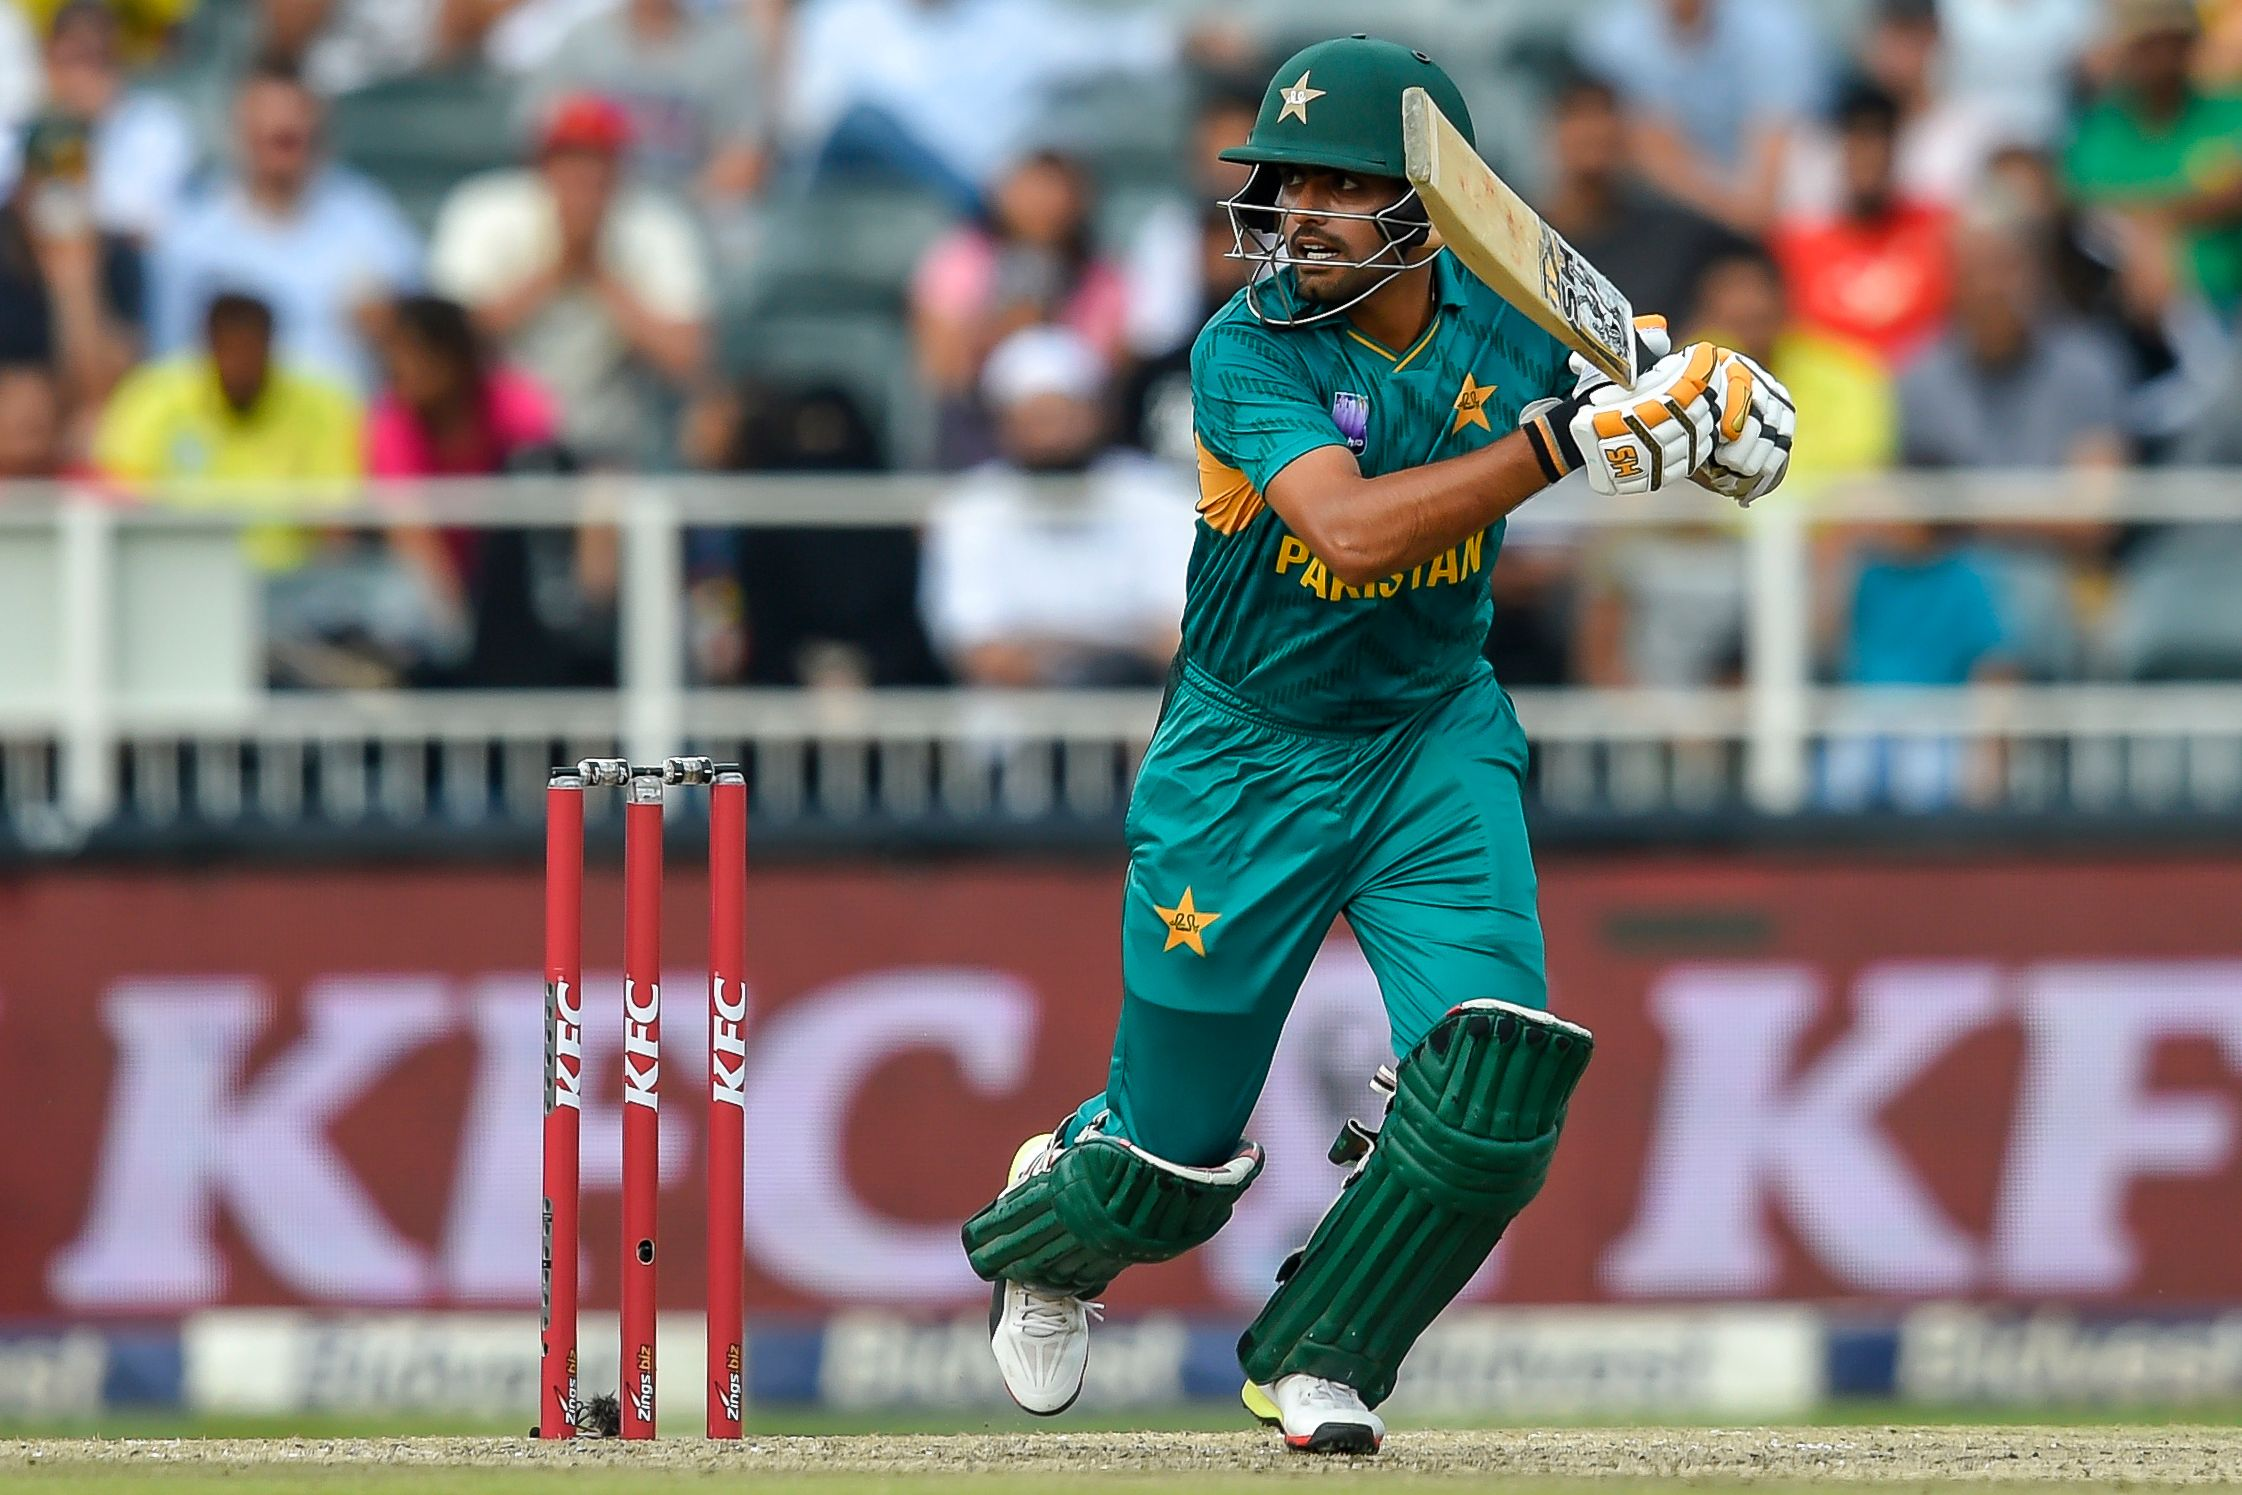 cricket legend imran khan - HD2242×1495